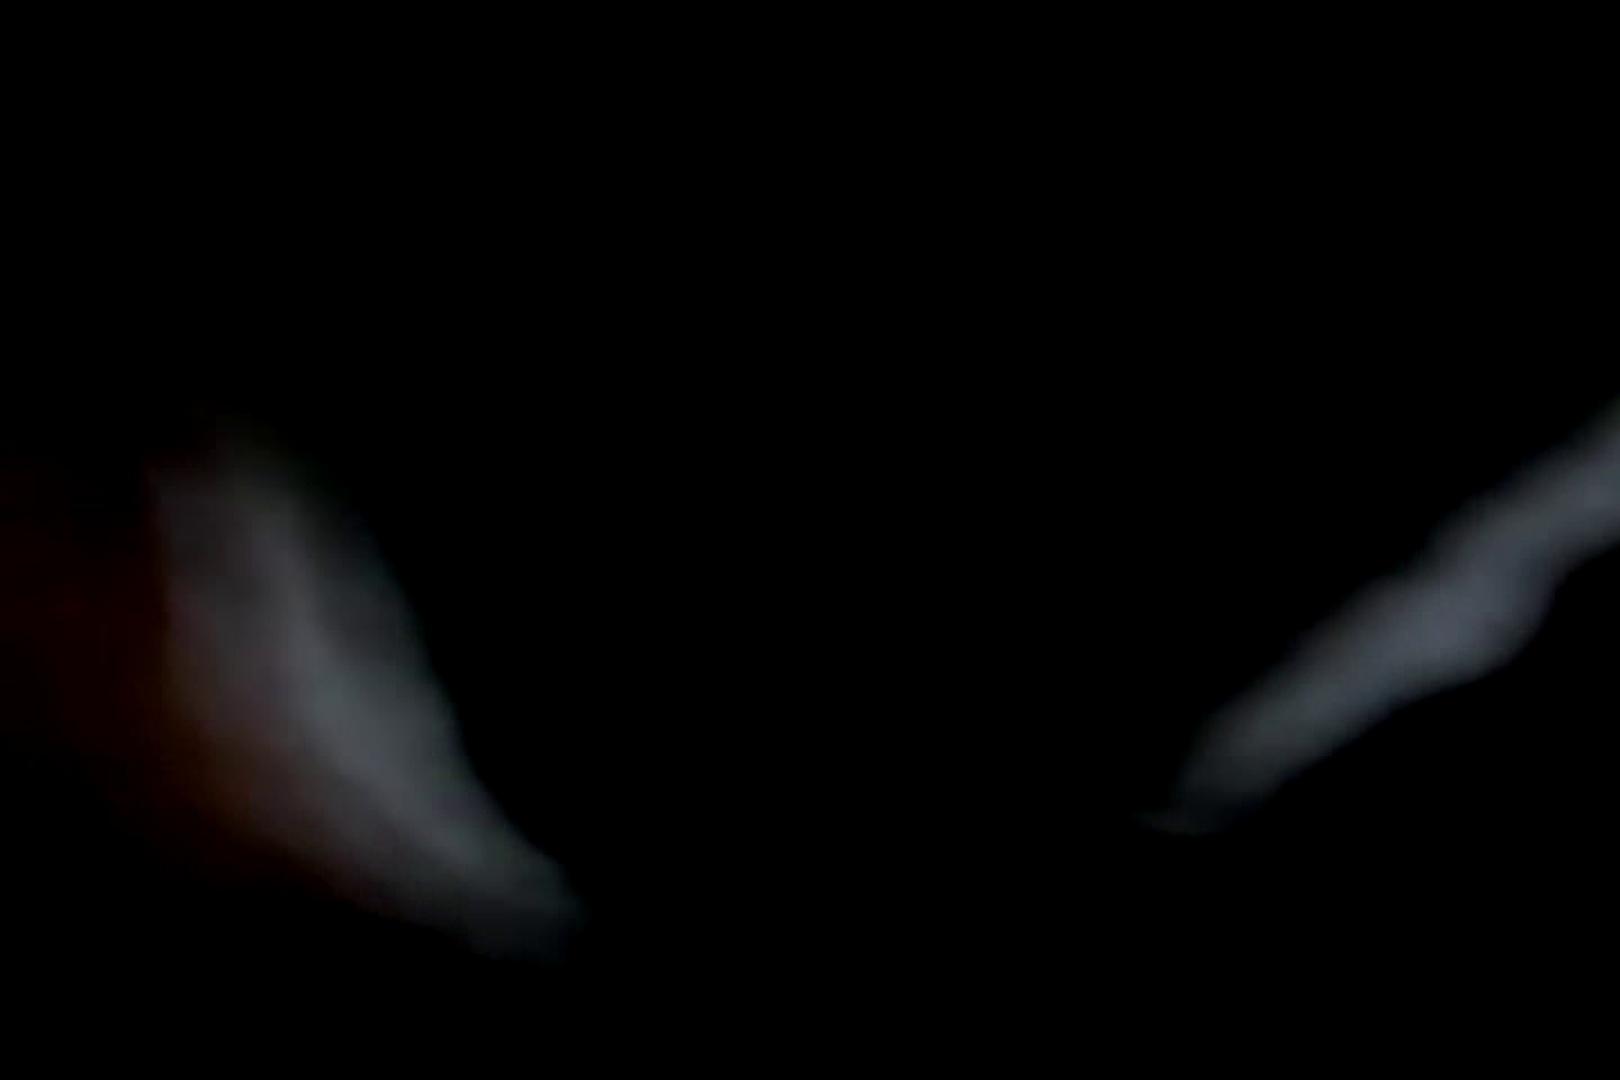 ウイルス流出 レオ&マンコのアルバム プライベート | マンコ  74画像 70